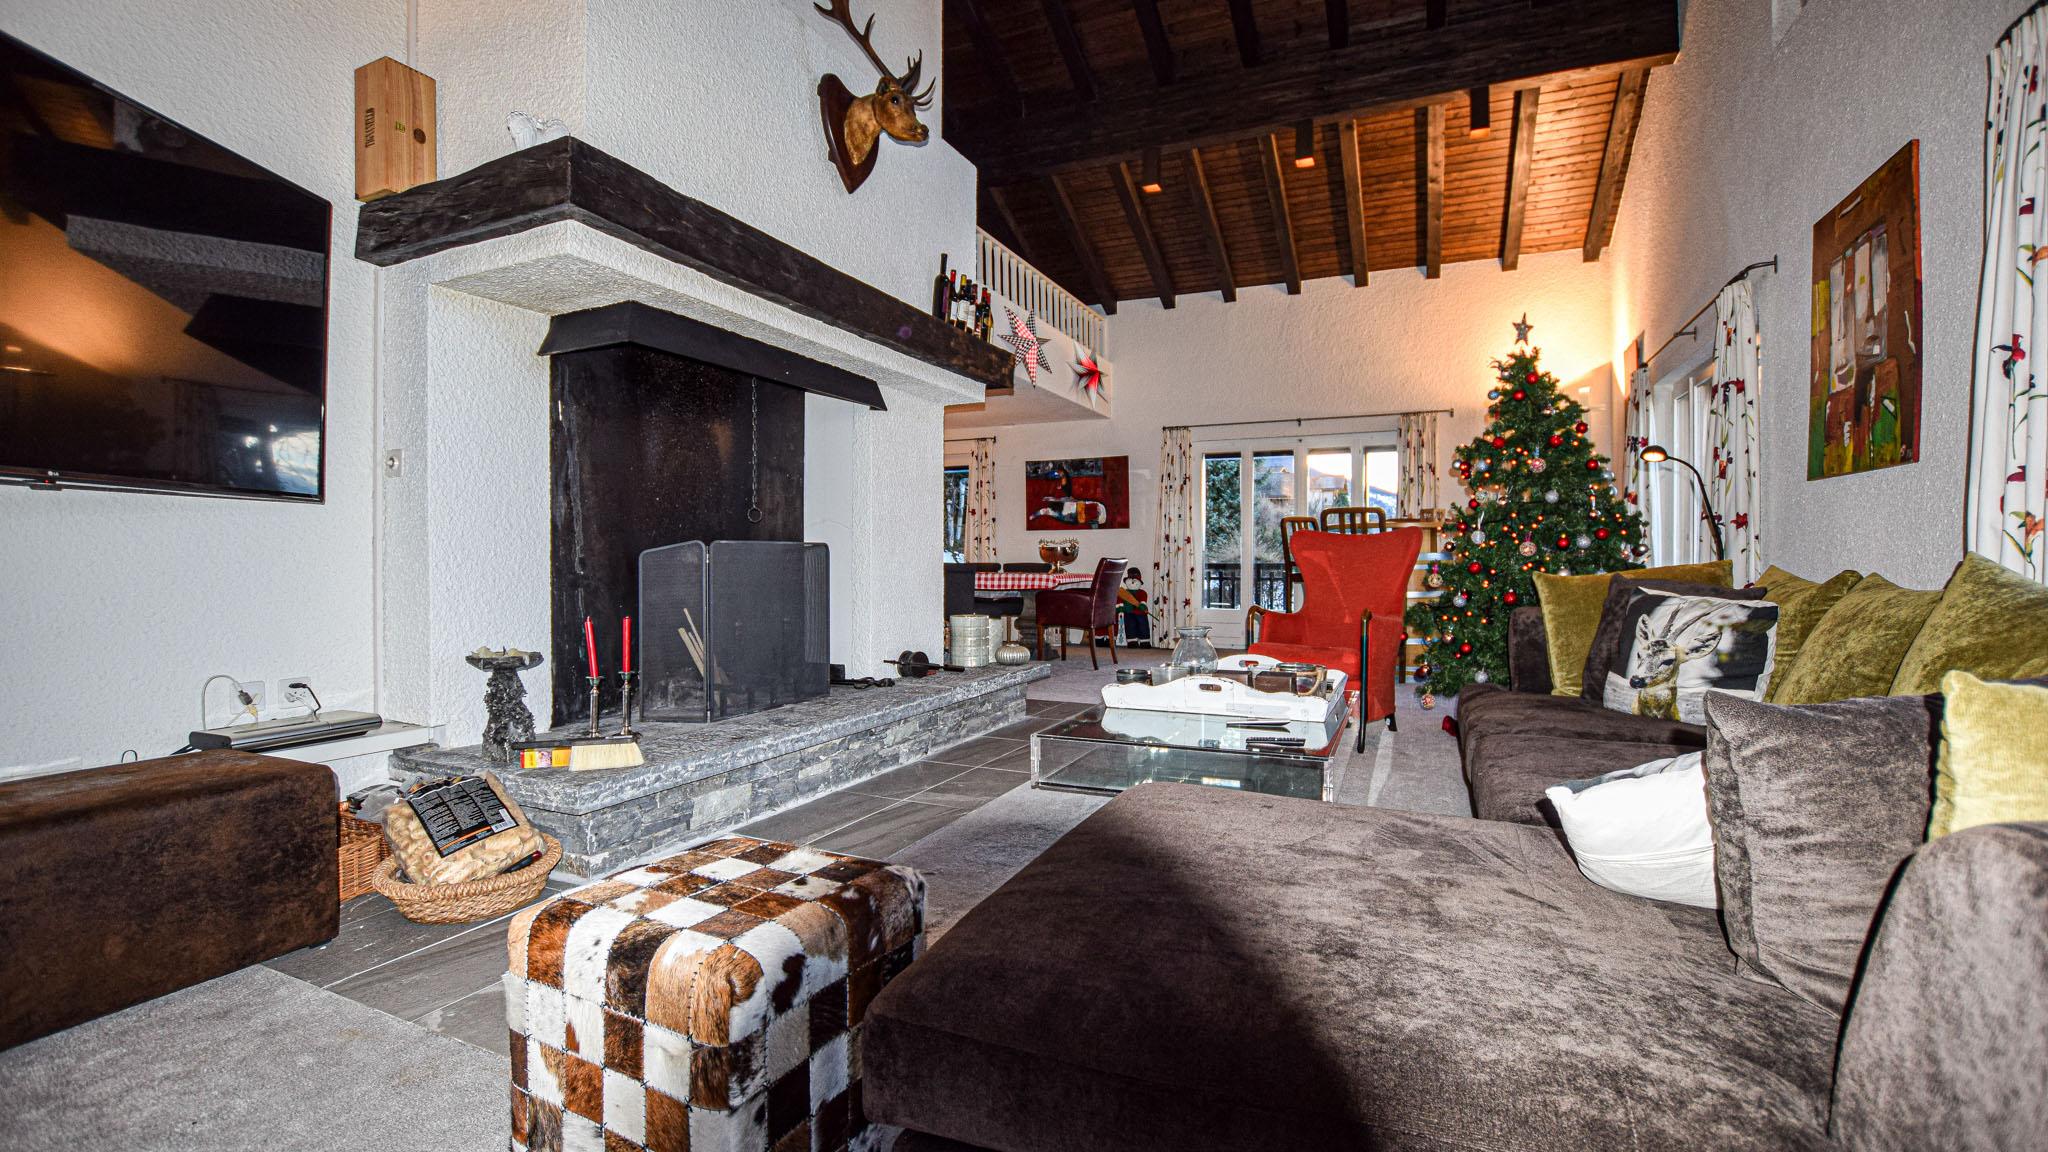 Chalet Prince Chalet, Switzerland